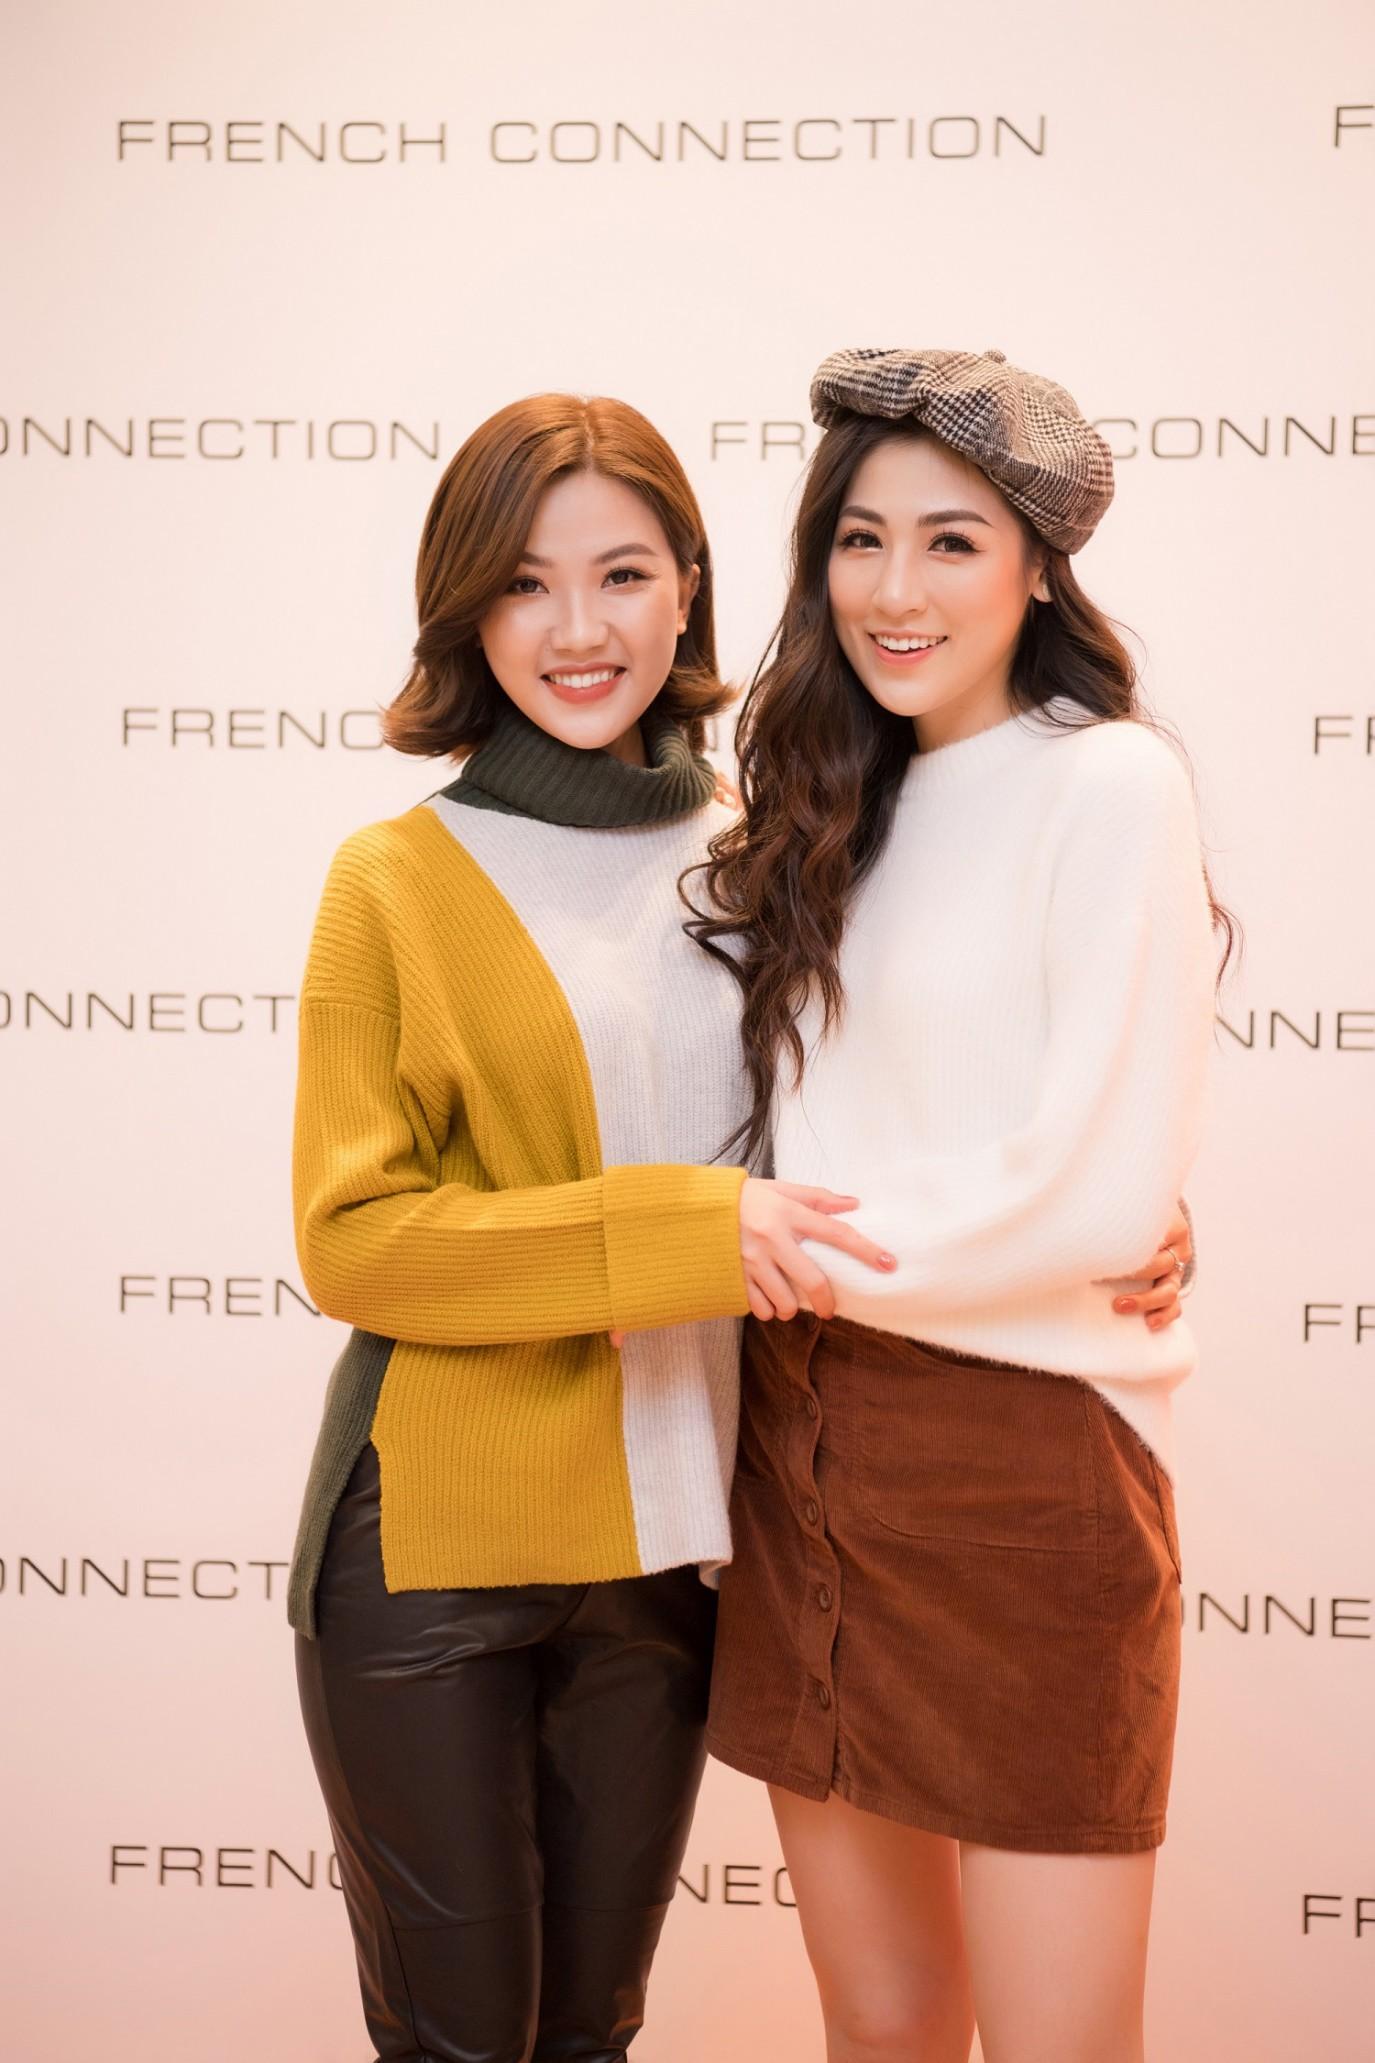 Á hậu Tú Anh ngẫu hứng phối đồ phong cách cho diễn viên Lương Thanh ngay tại sự kiện thời trang - Ảnh 1.